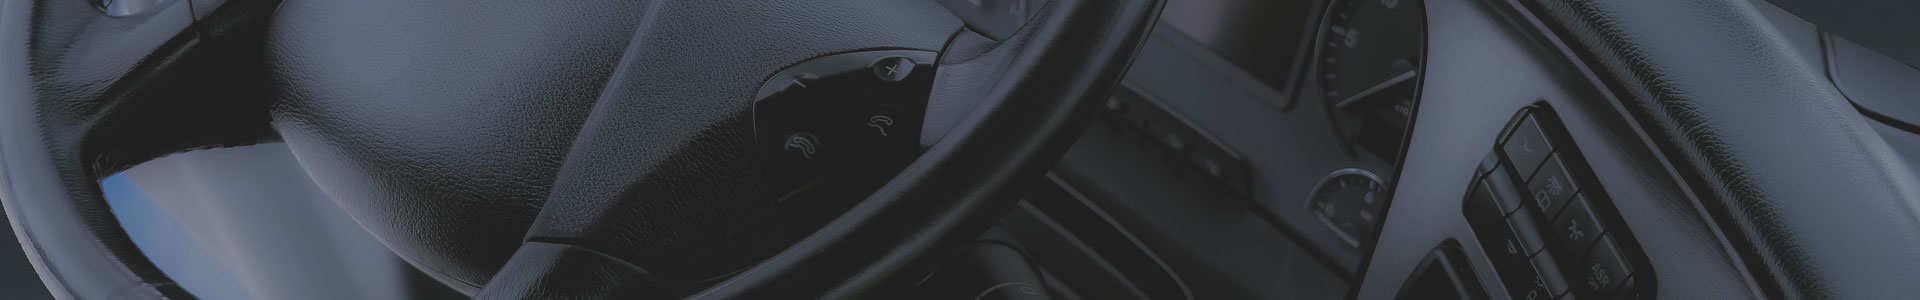 Accesorii interior camion